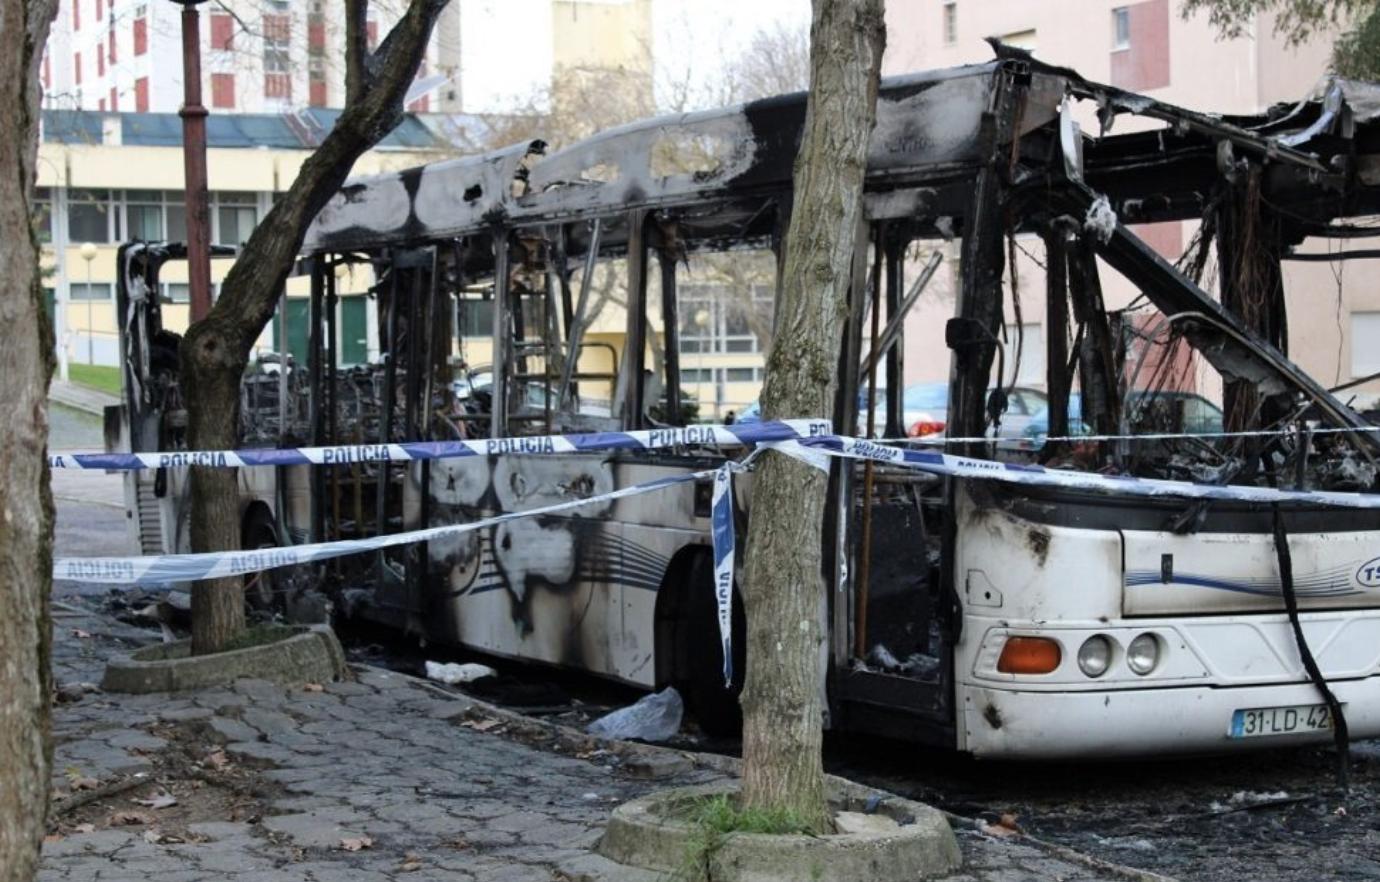 Des violences on encore eu lieu au Portugal - © Diariodaregiao.pt